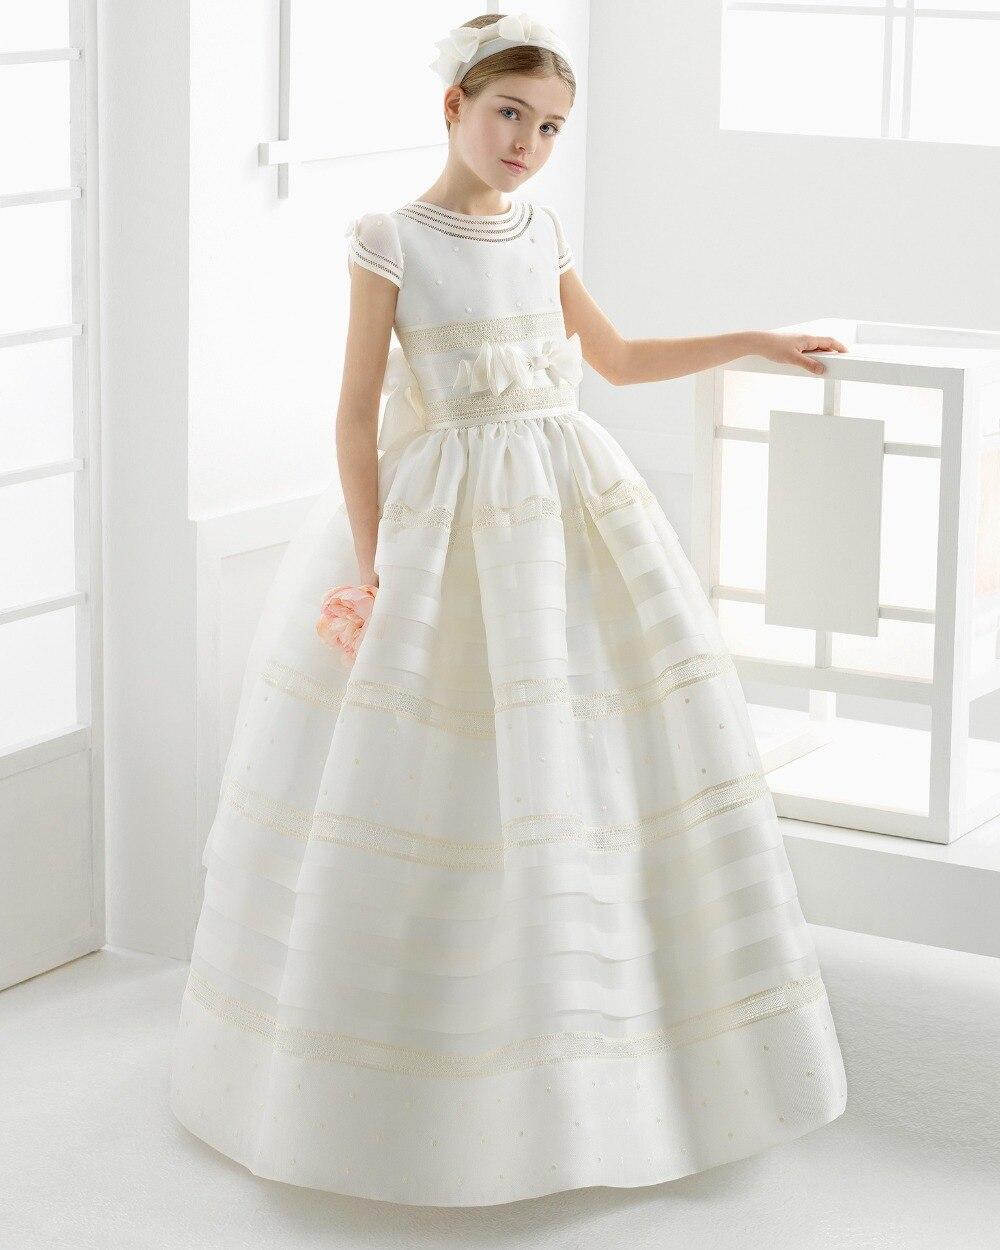 Flower     Girl     Dresses   for weddings   girls   pageant   dresses   2016 first communion   dresses   for   girls   Satin Empire Bow Floor Length